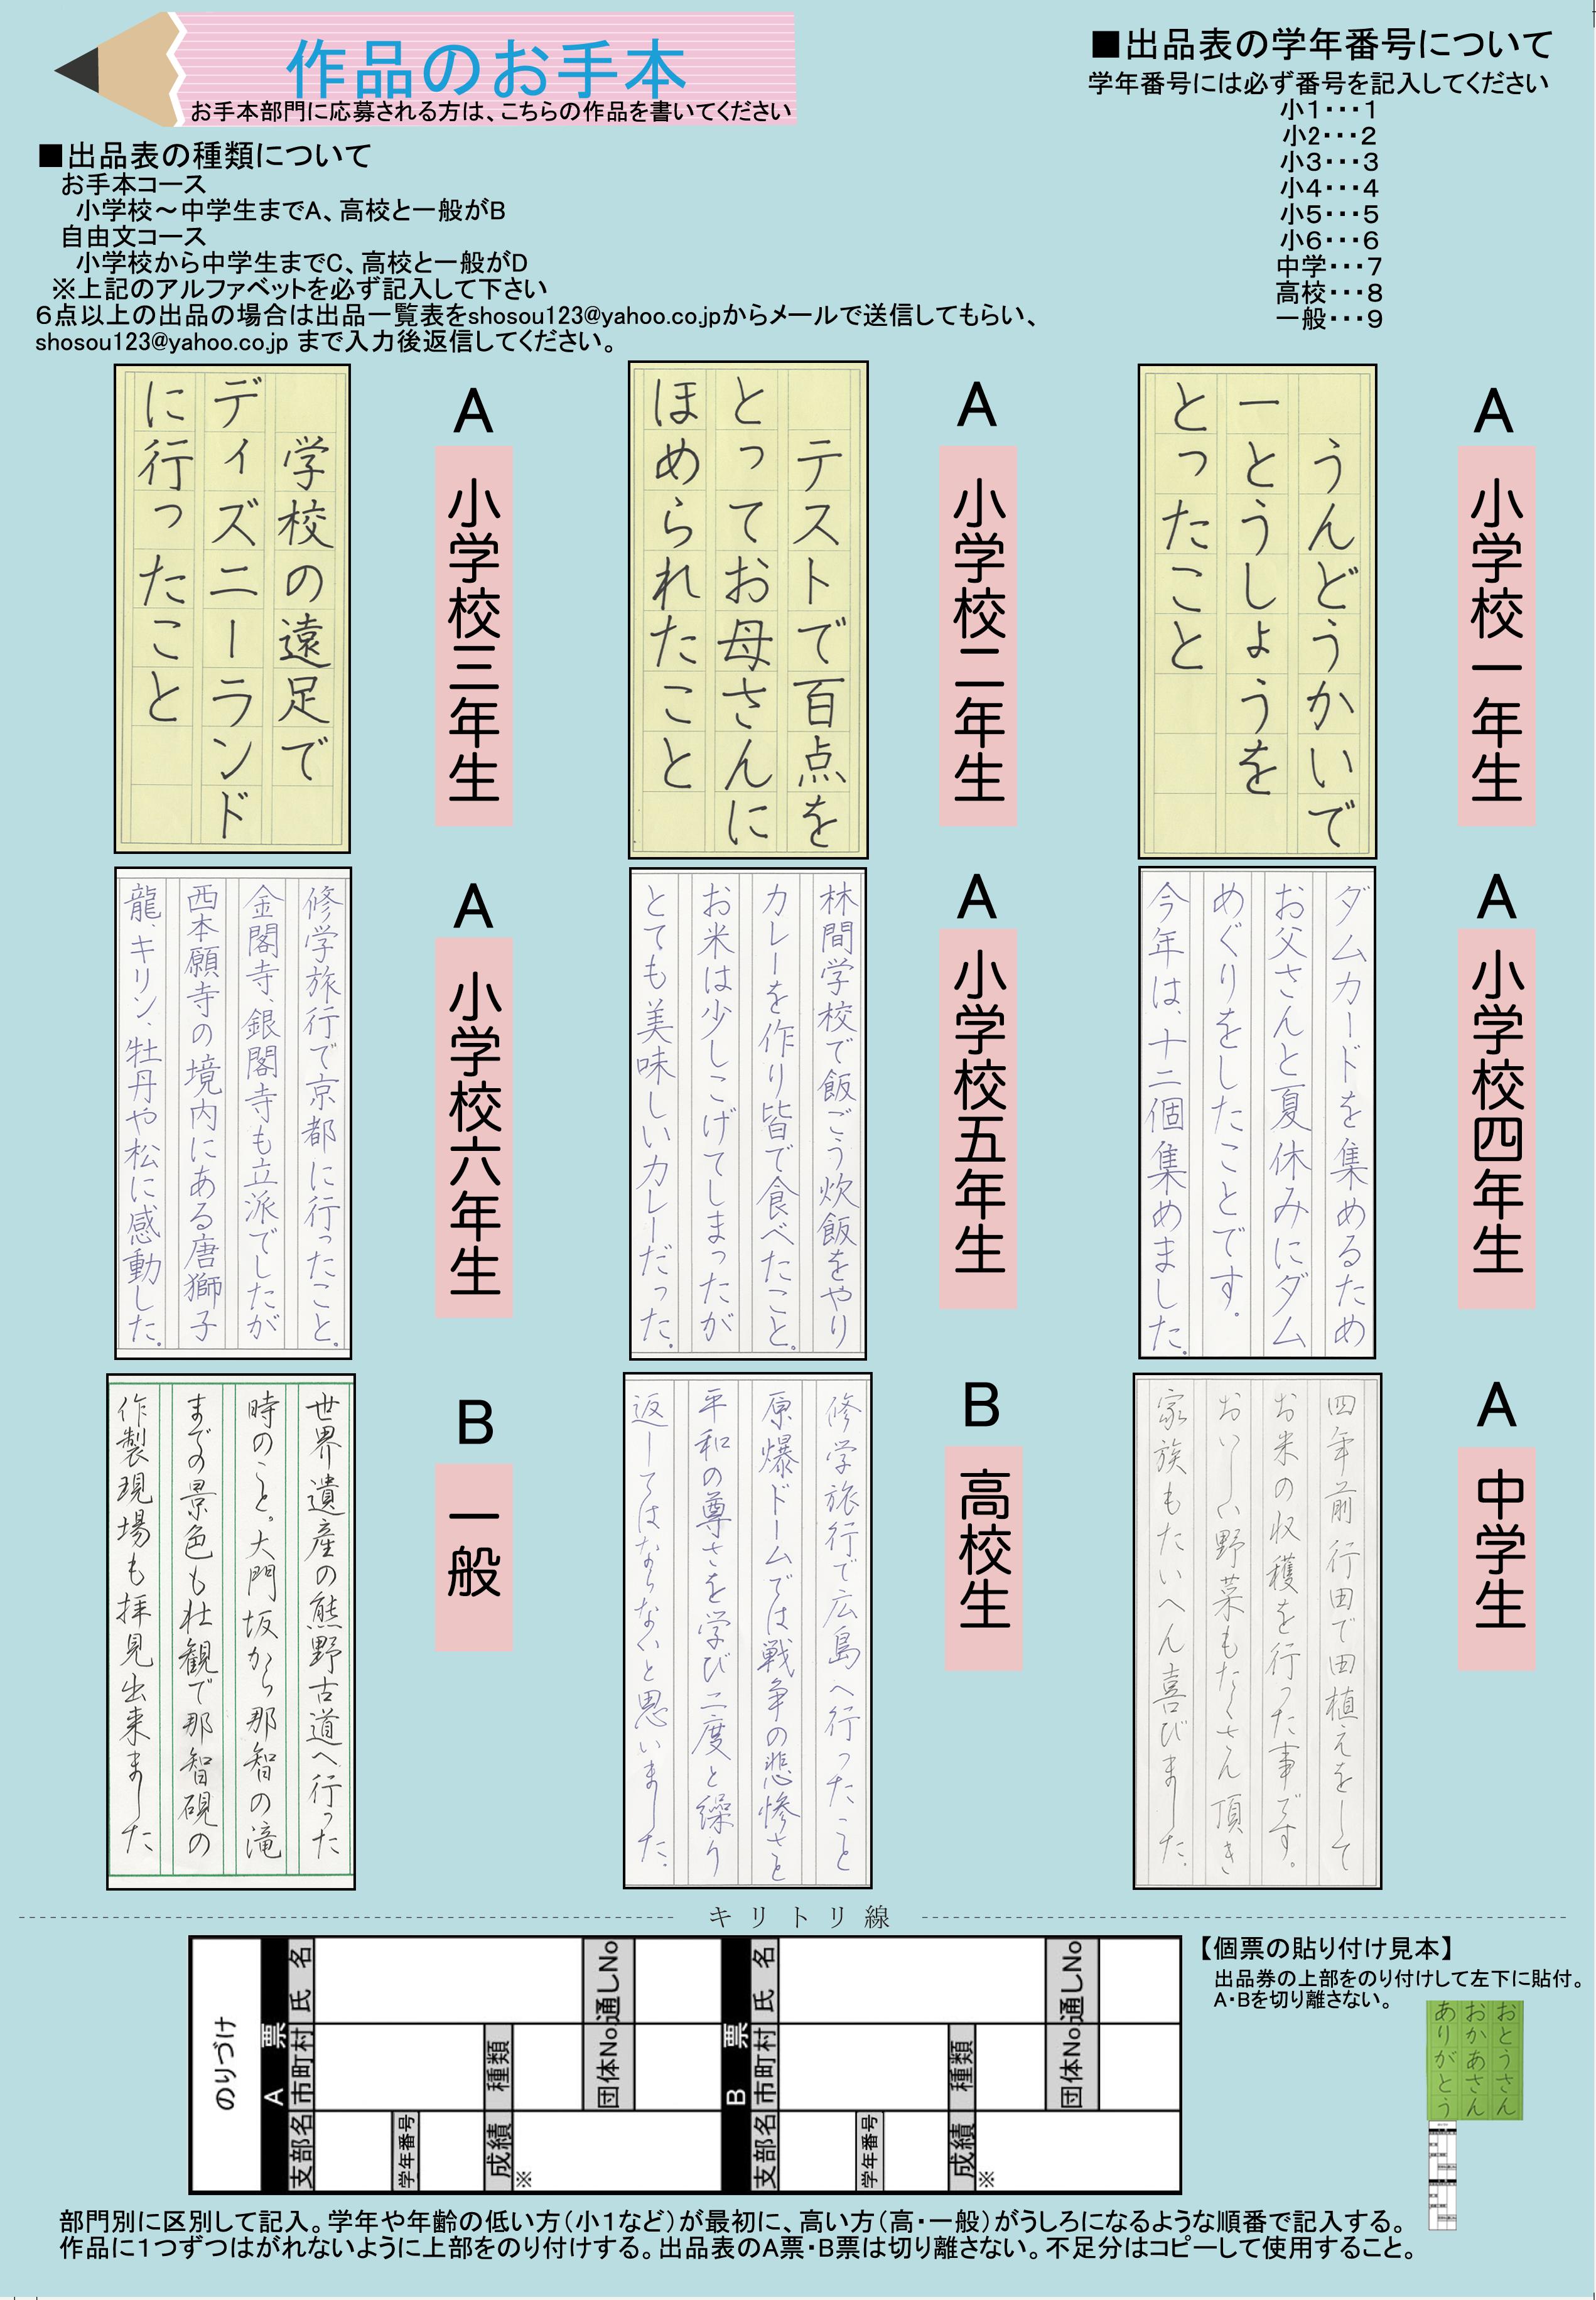 第10回ボールペン字大賞概要3ページ目